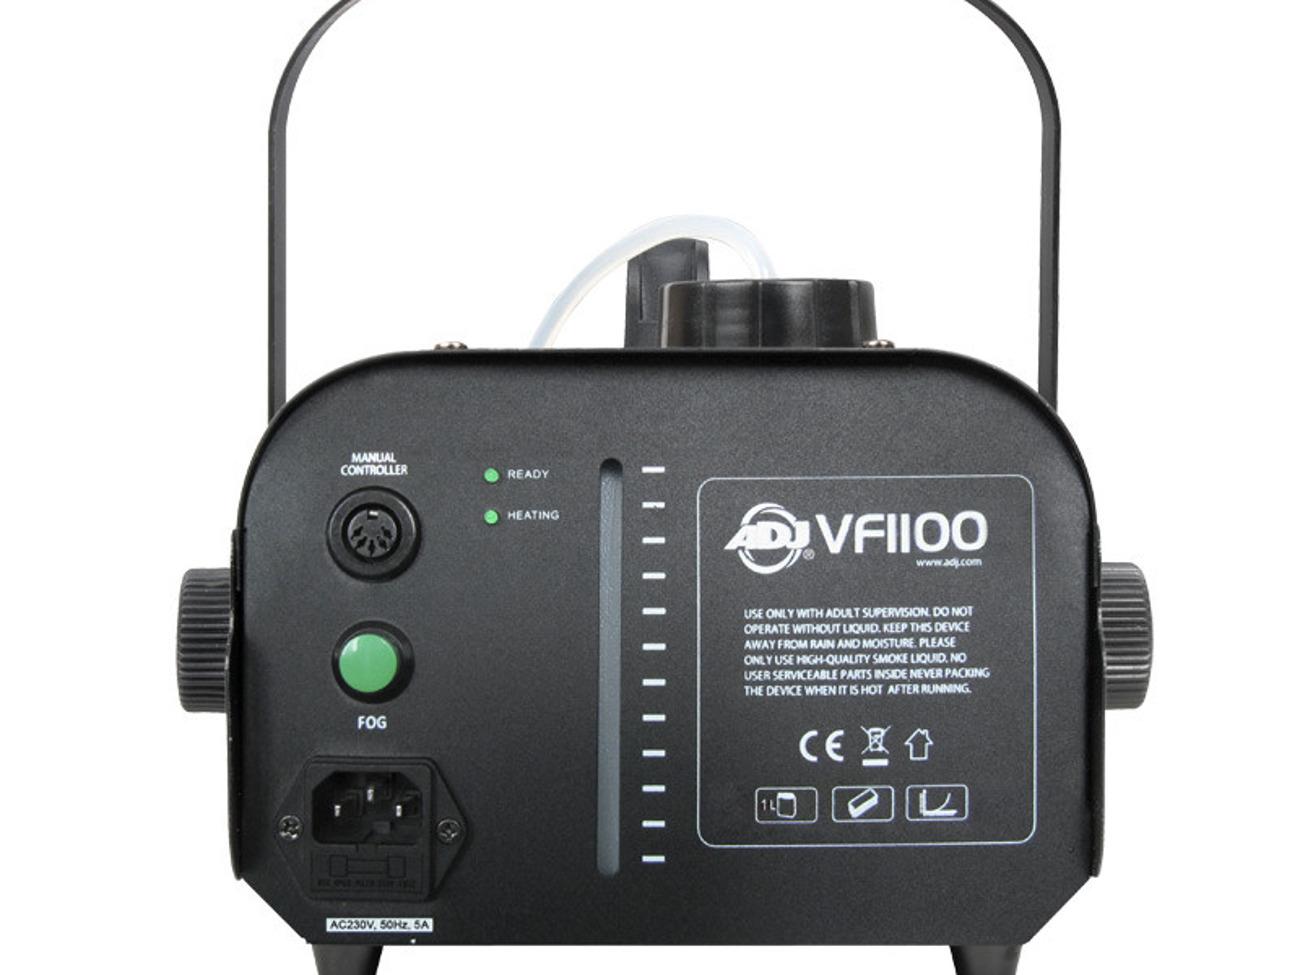 ADJ VF1100 850W wireless fog smoke machine